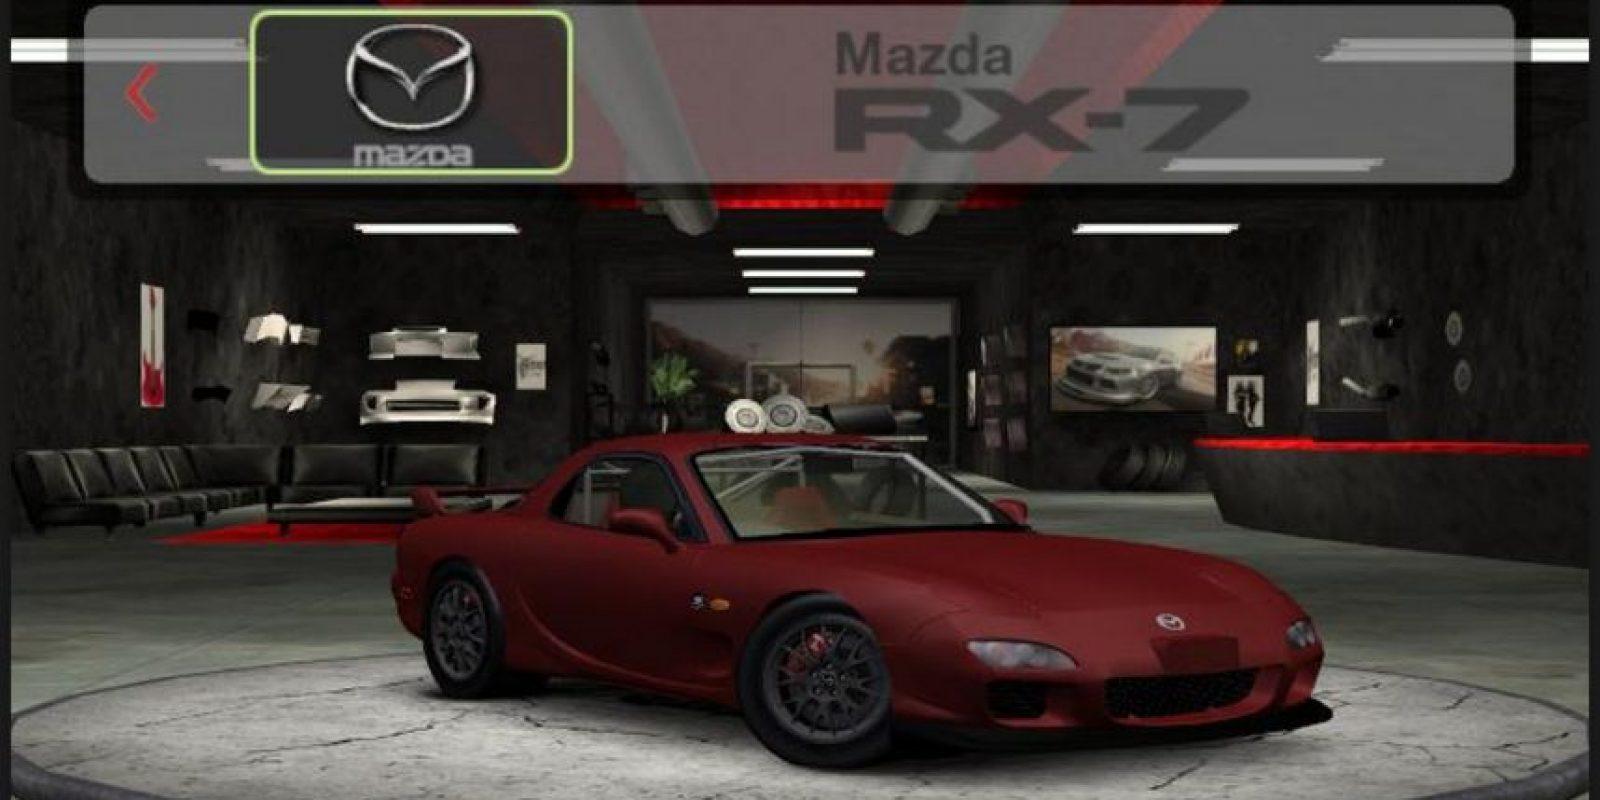 Mazda RX7 Spirit R Foto:Wikicommons